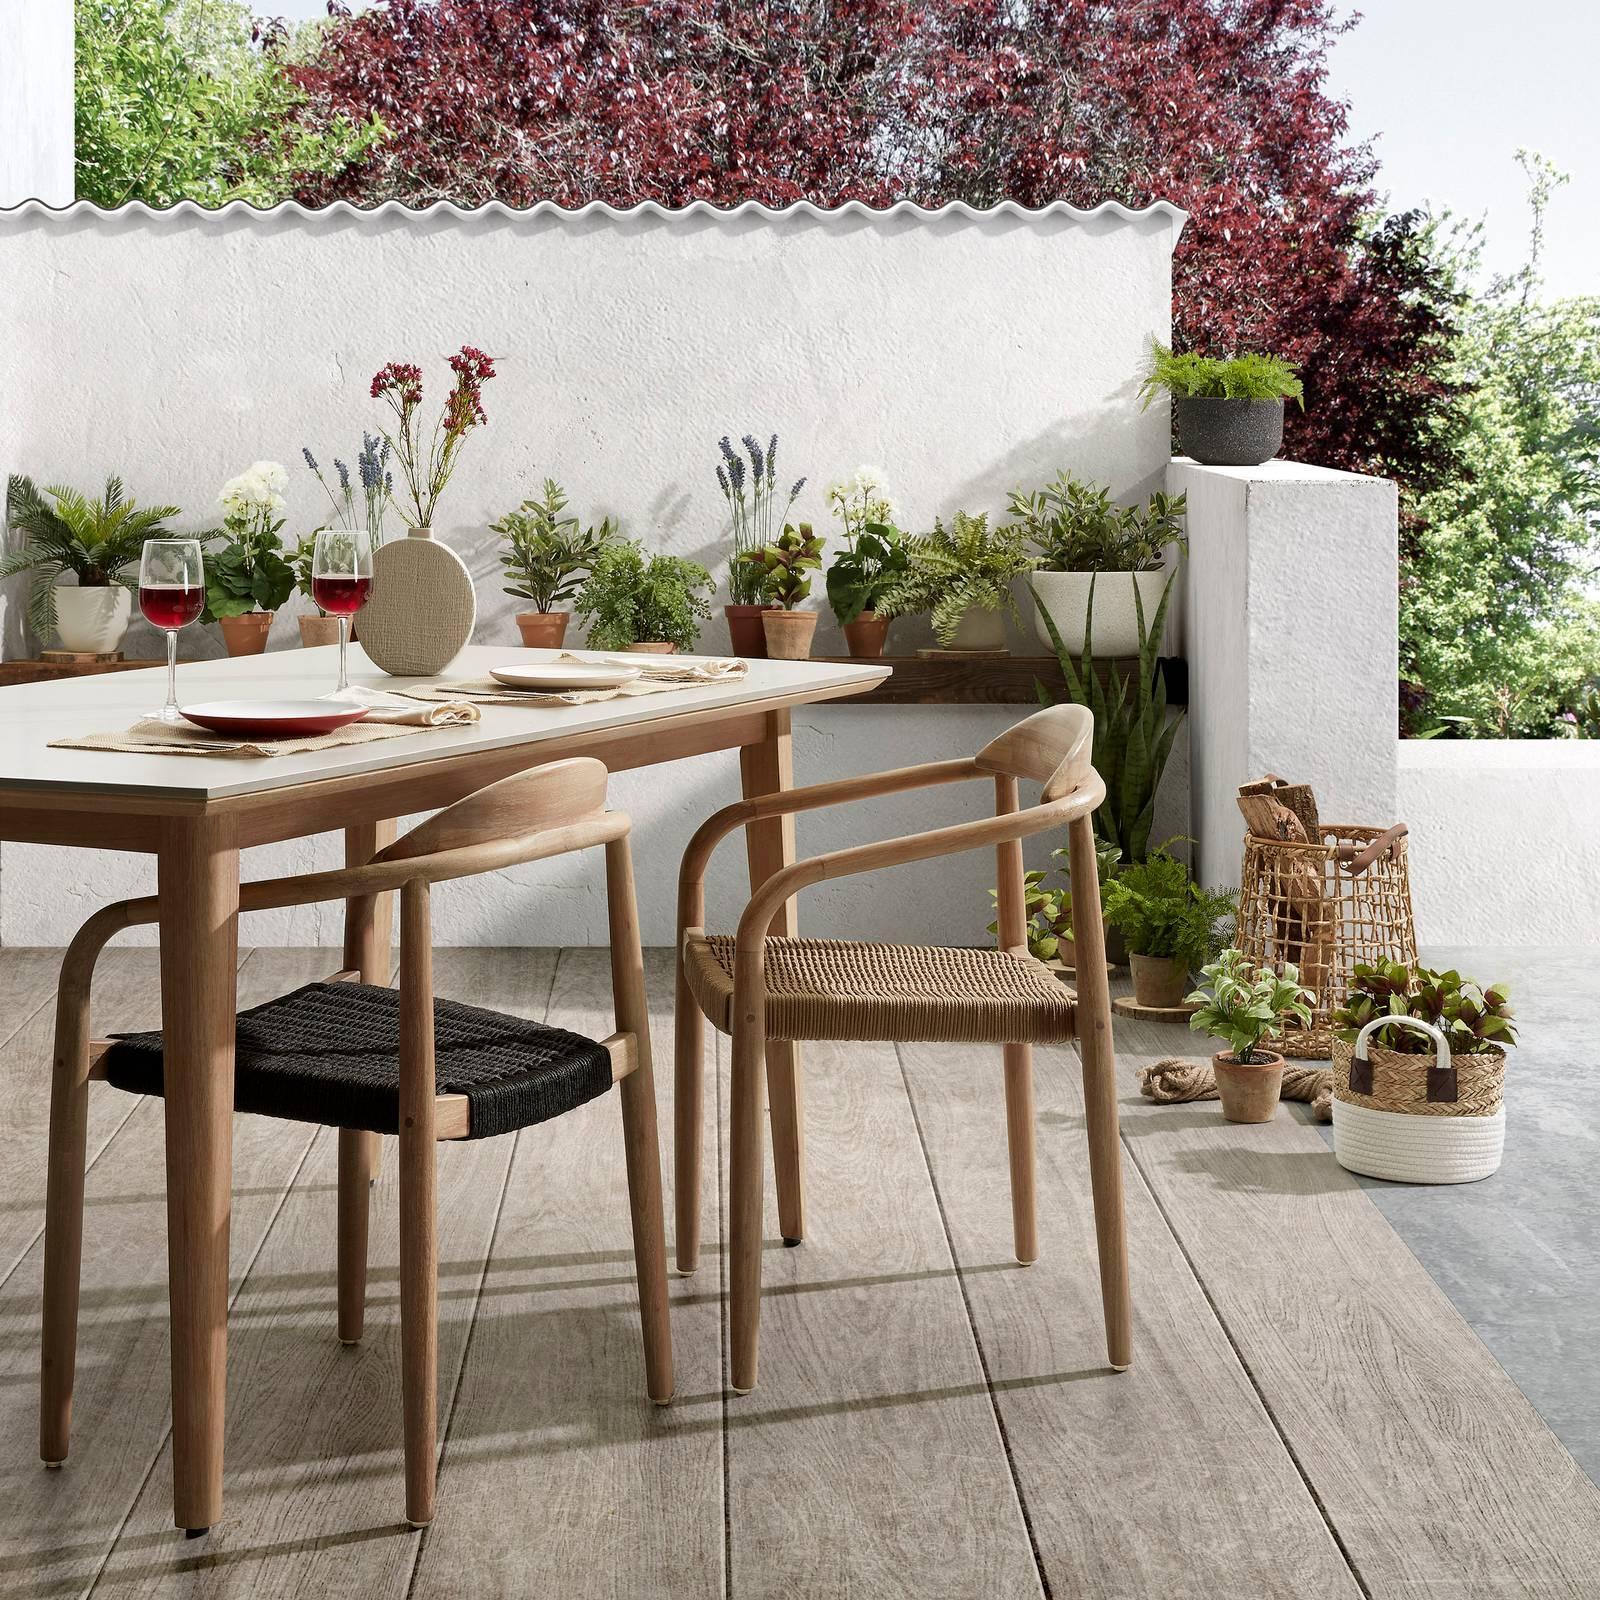 Maison Du Monde Sedie Da Giardino.Tavoli Per Esterno Con Sedie Per Giardino O Balcone Cose Di Casa